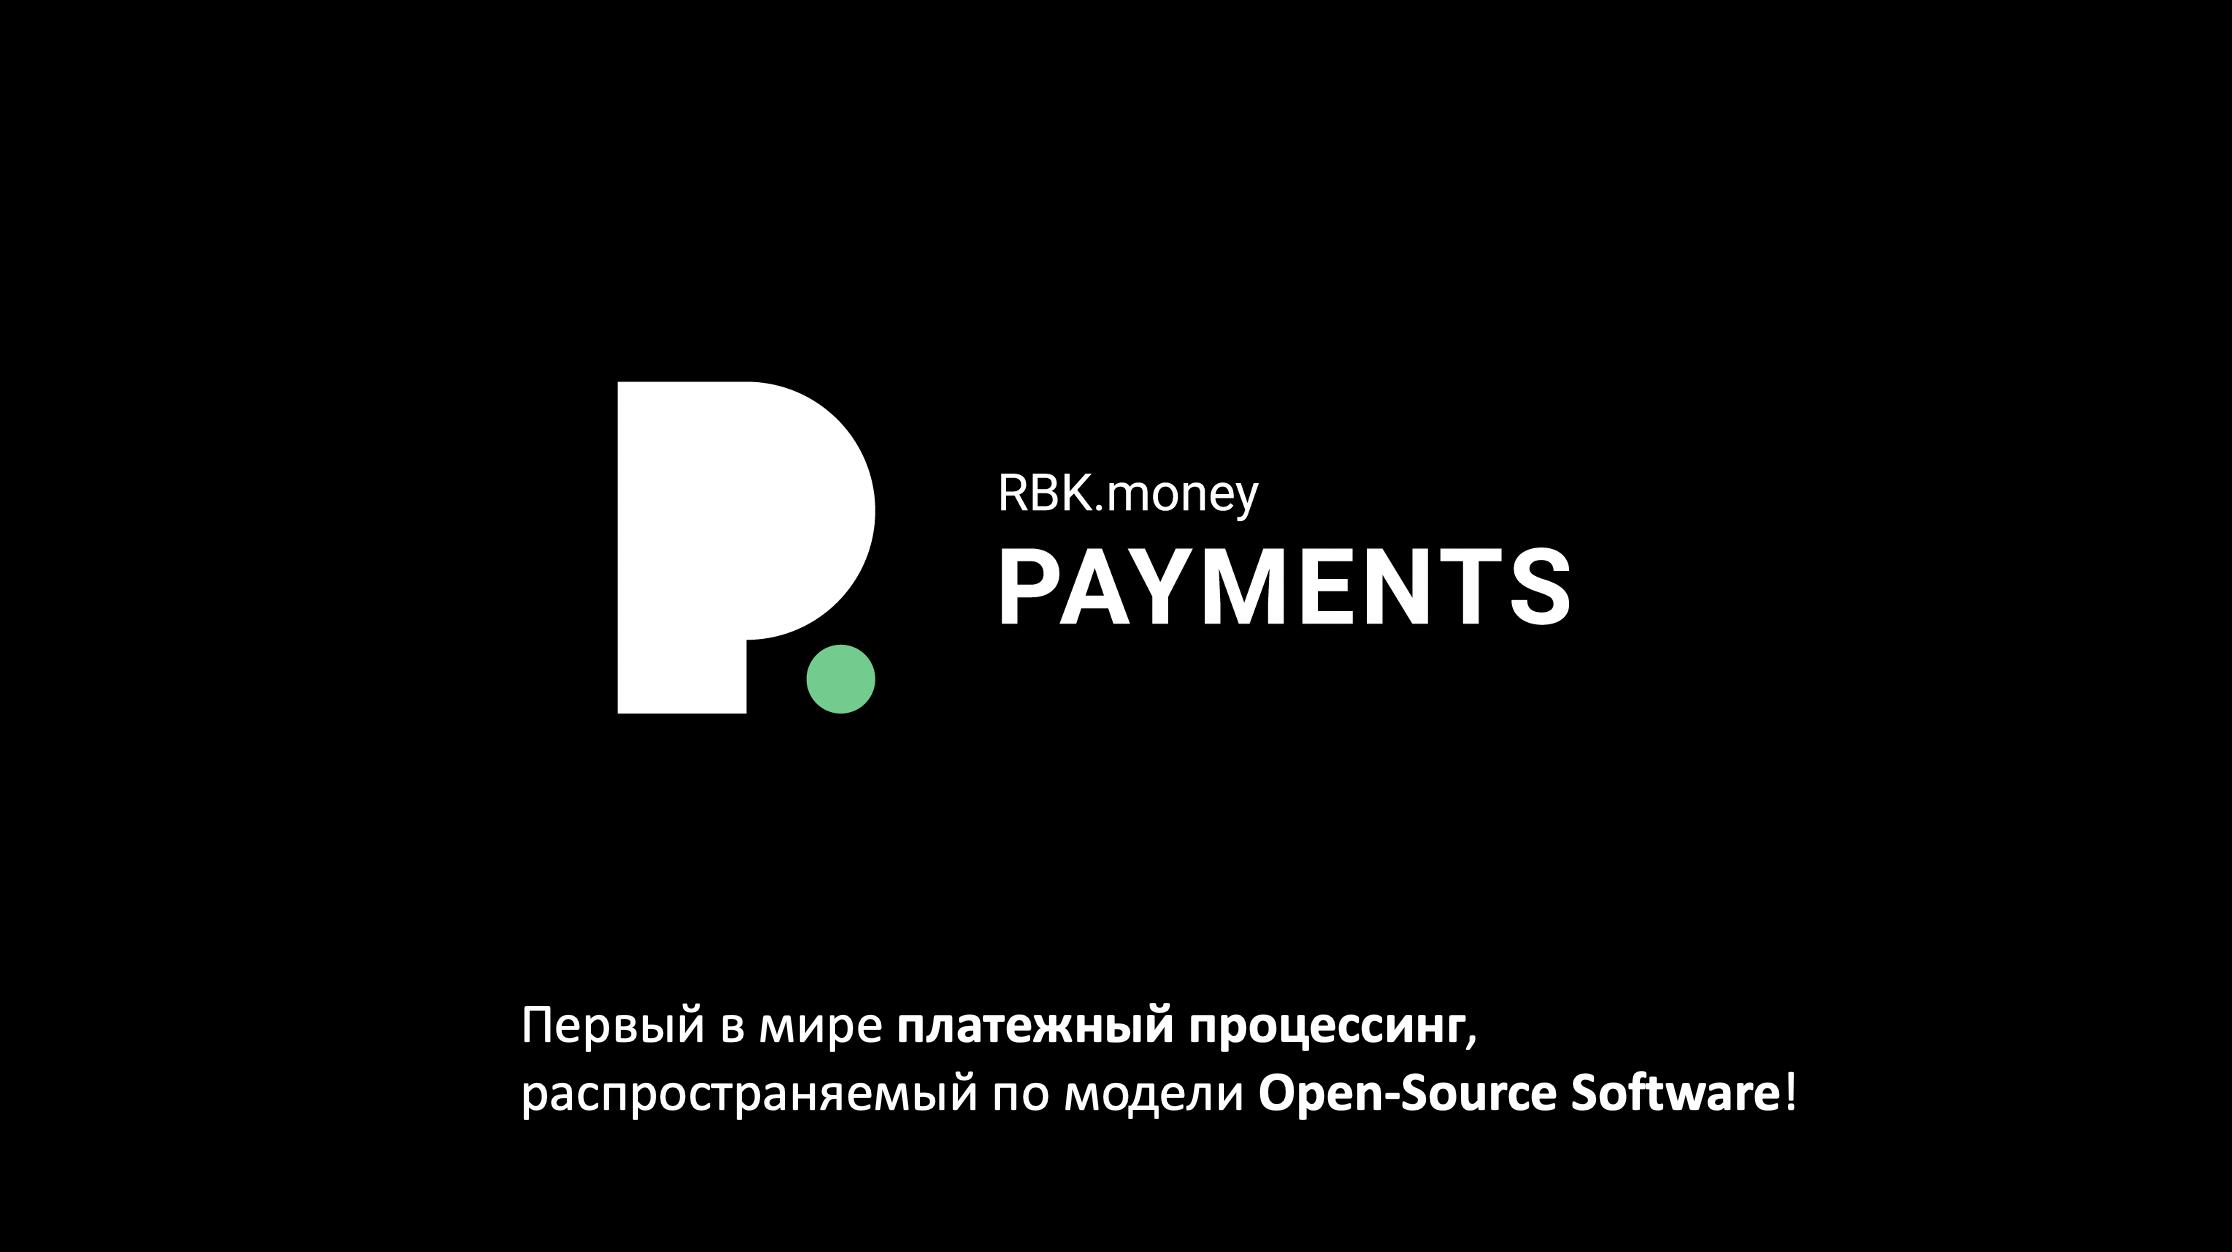 RBK.money выпустила первый в мире open-source платежный процессинг — творим будущее вместе - 1